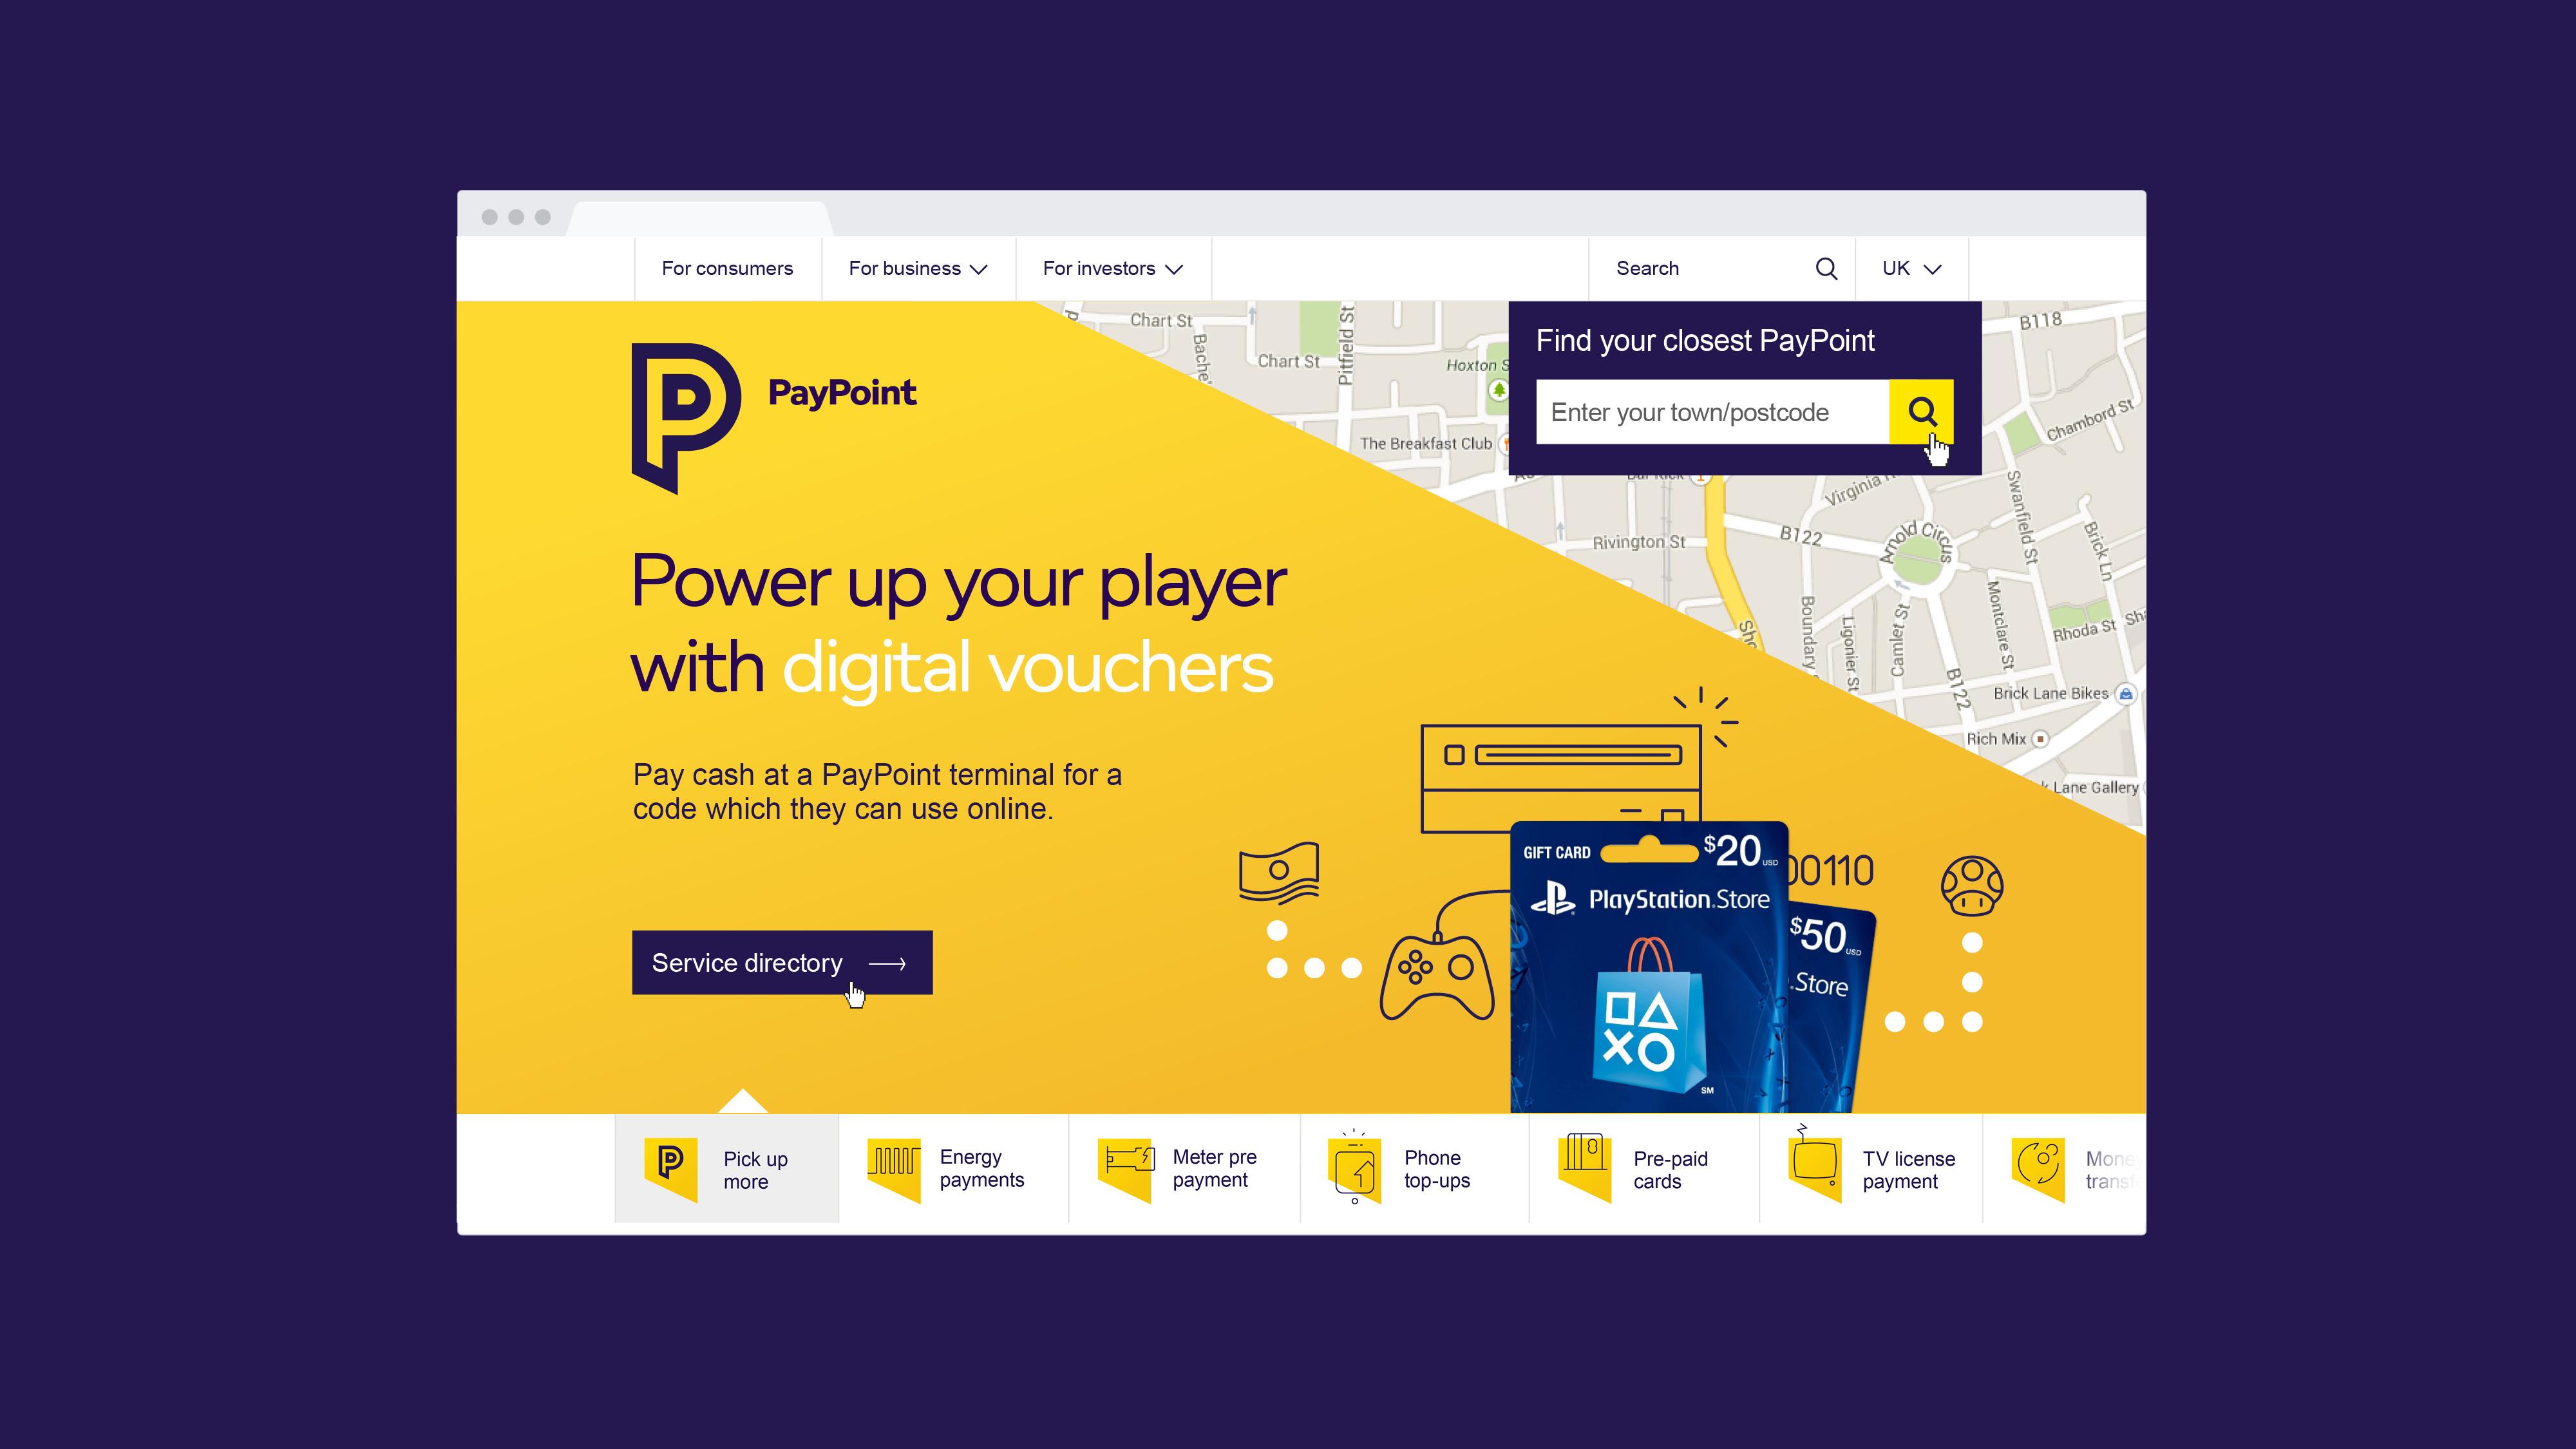 Chris_Pitney_2020_Portfolio_Paypoint13